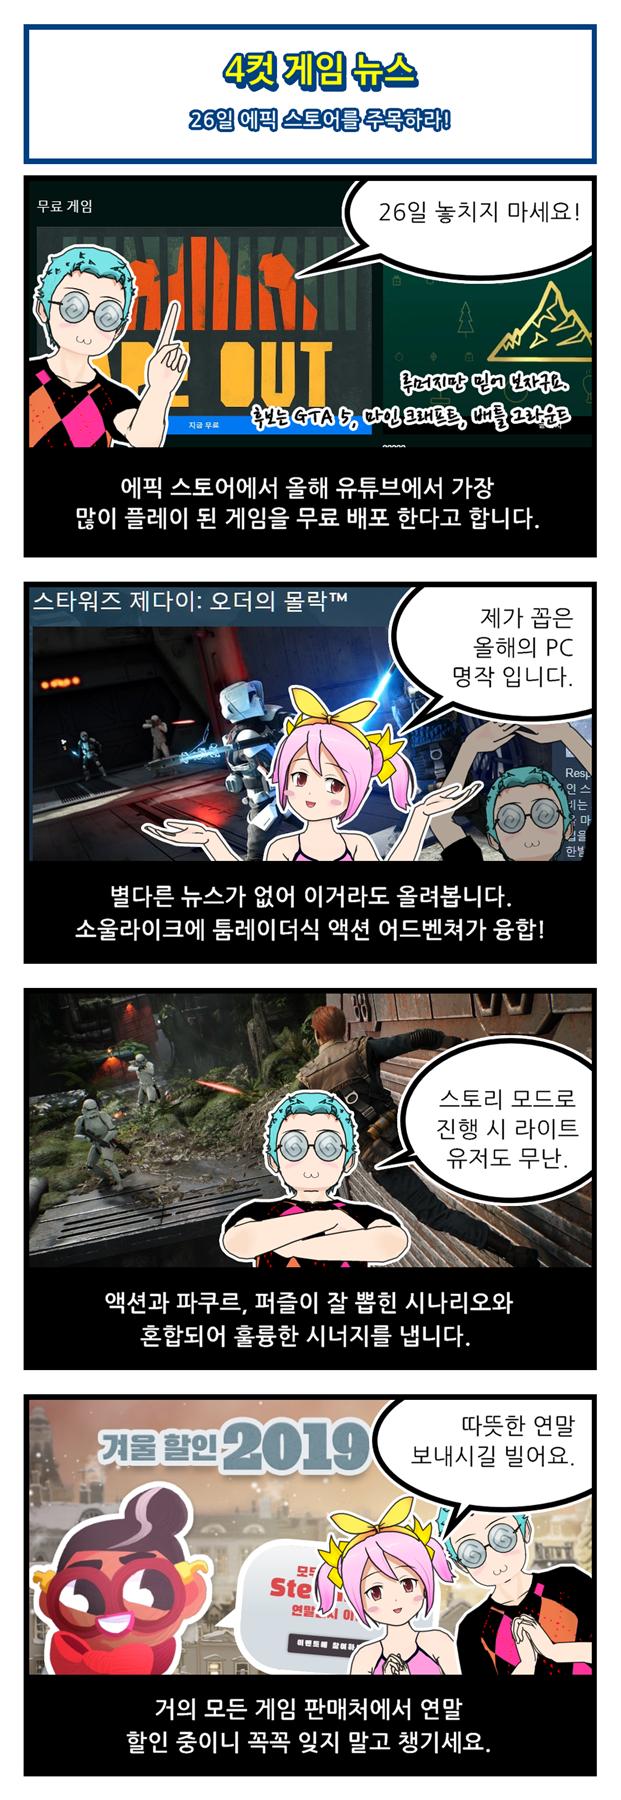 4컷 게임 뉴스 1_001.png